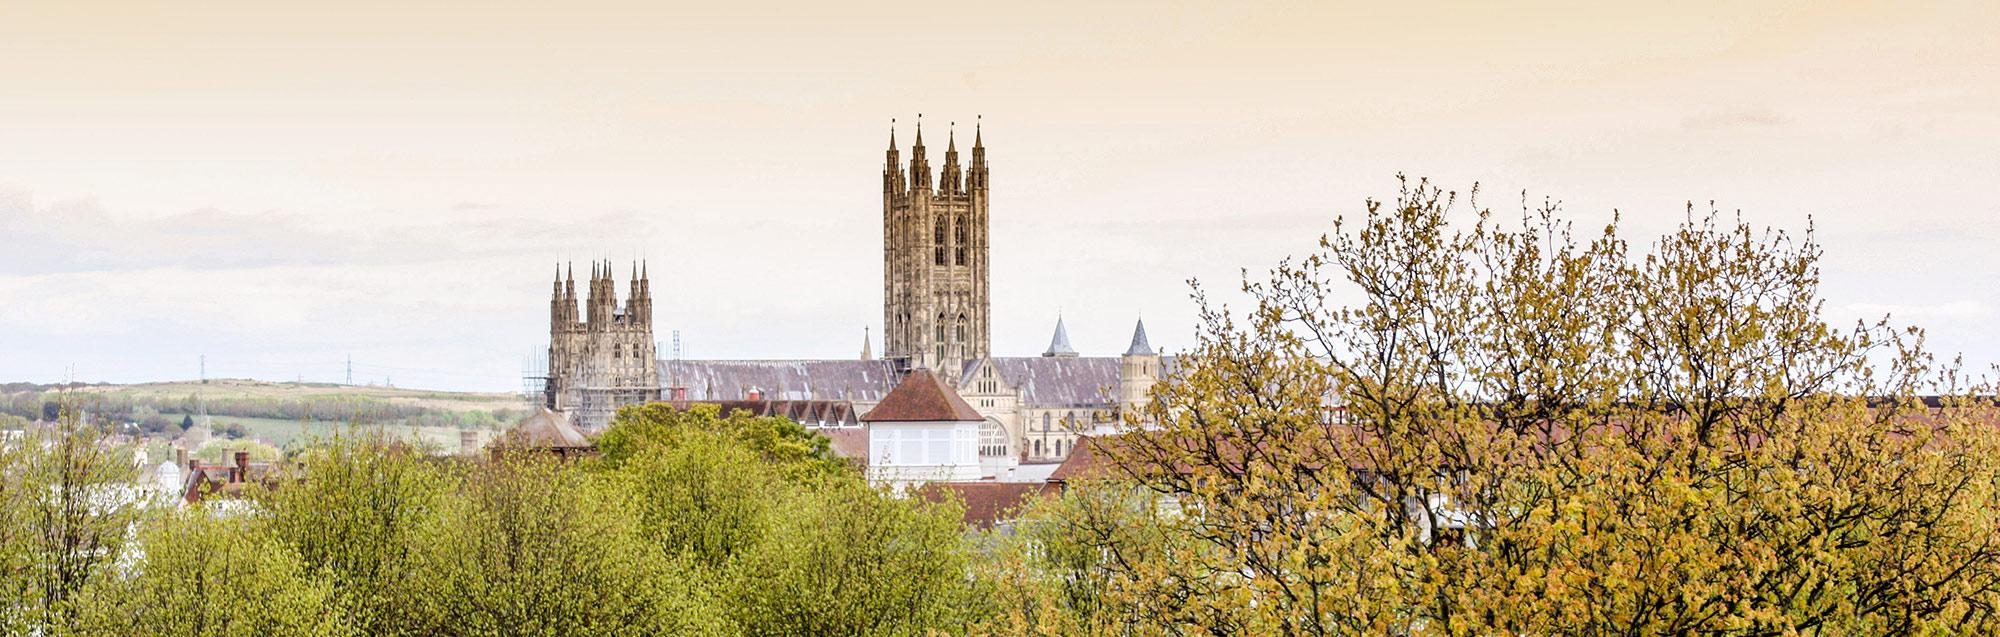 Scuole di lingua a Canterbury